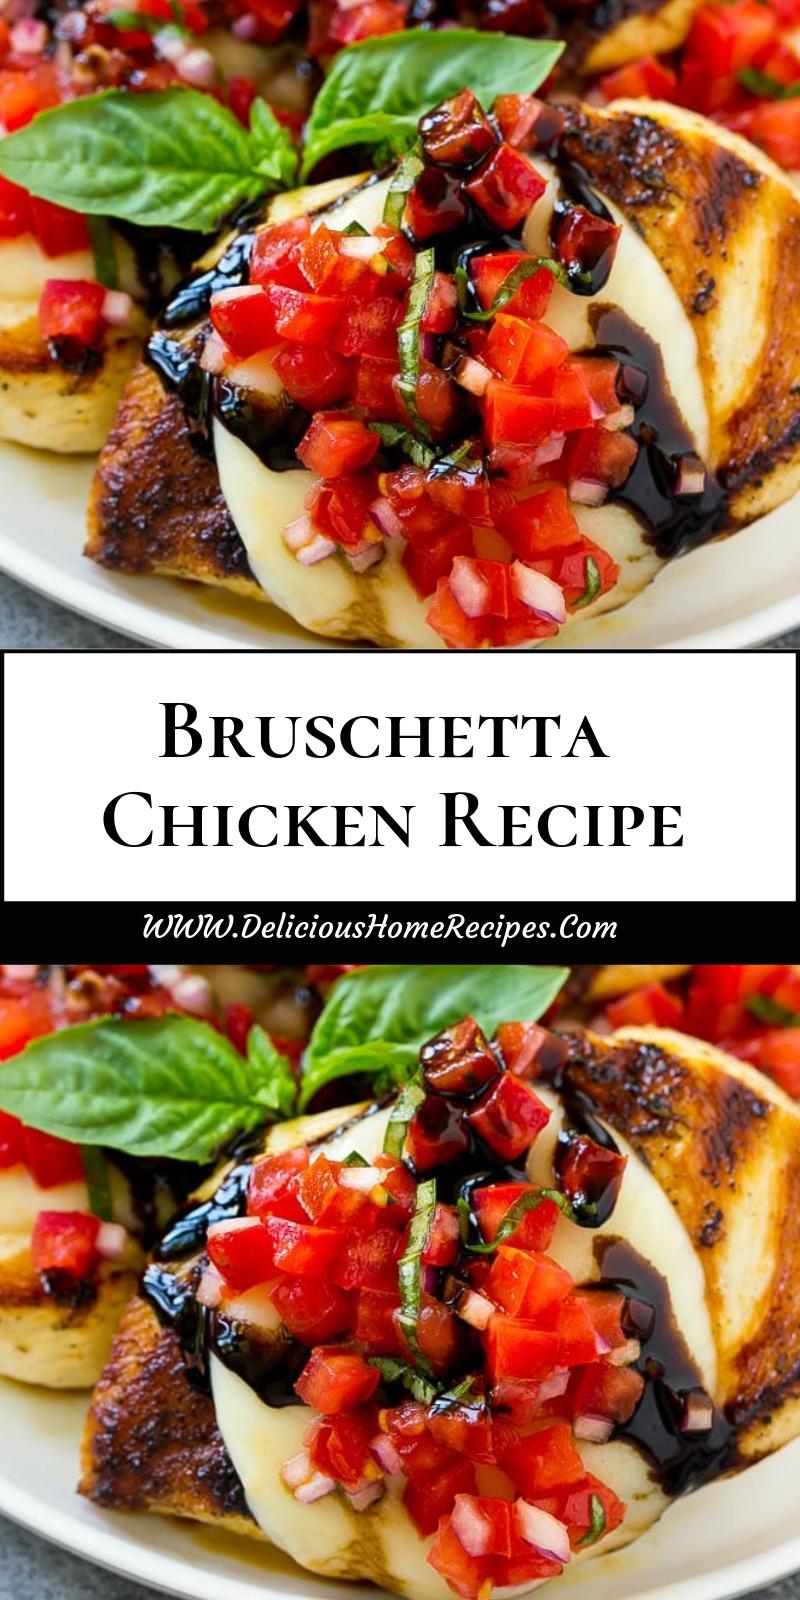 Bruschetta Chicken Recipe